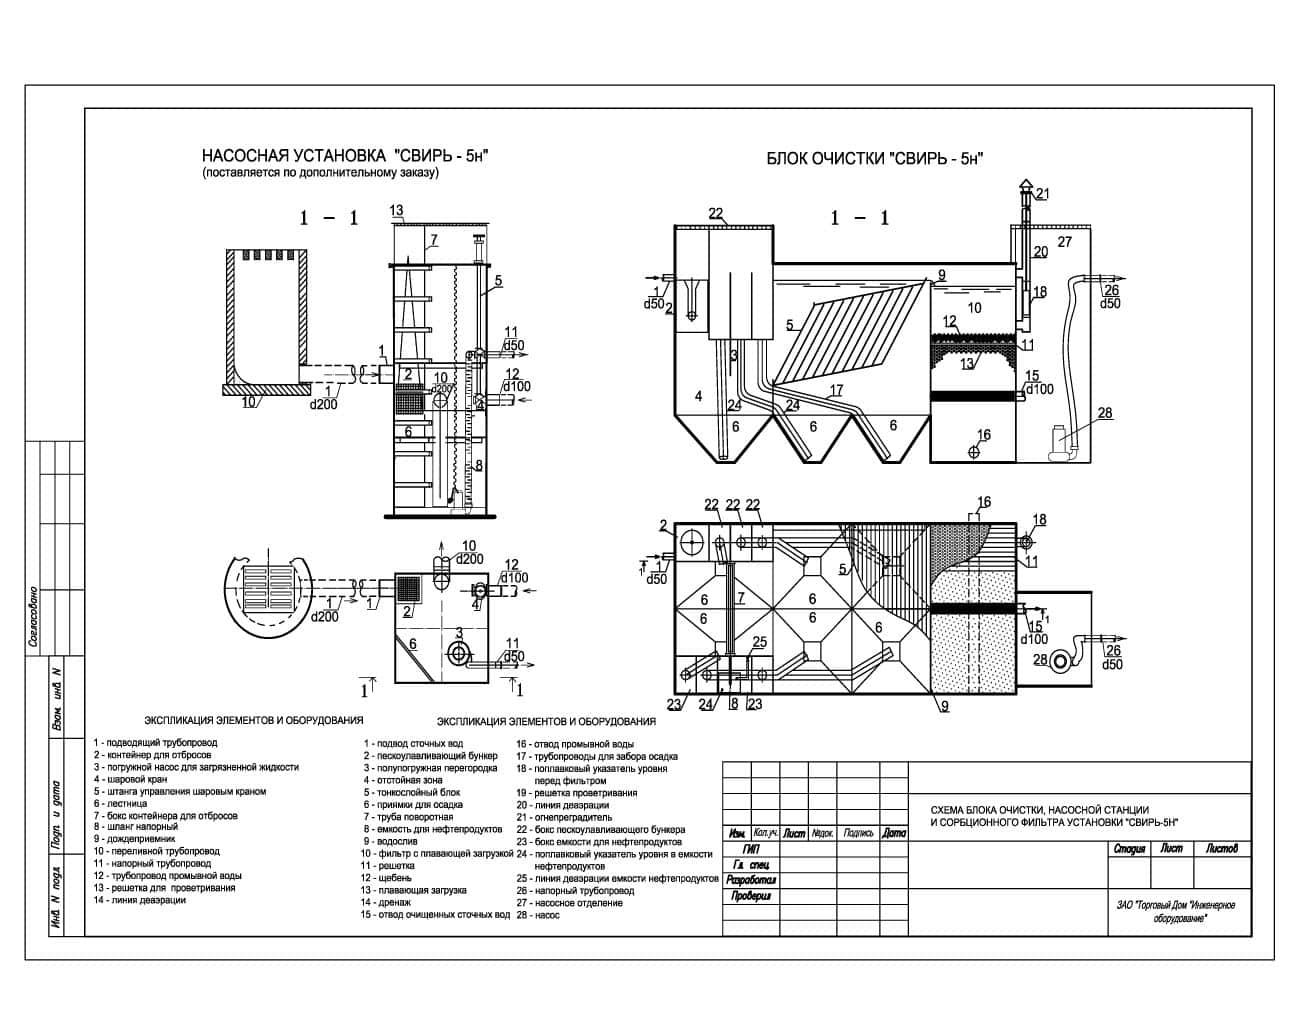 Очистное сооружение Свирь-5Н